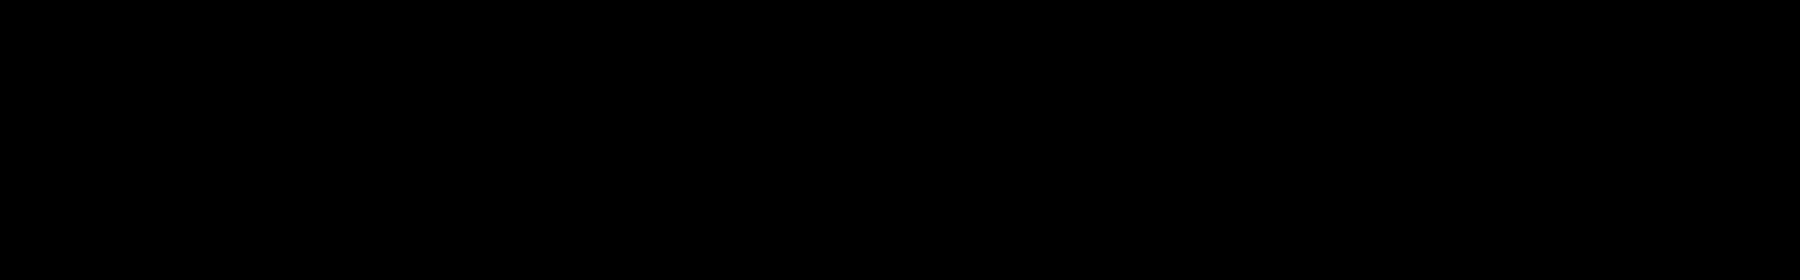 Sample Corner audio waveform